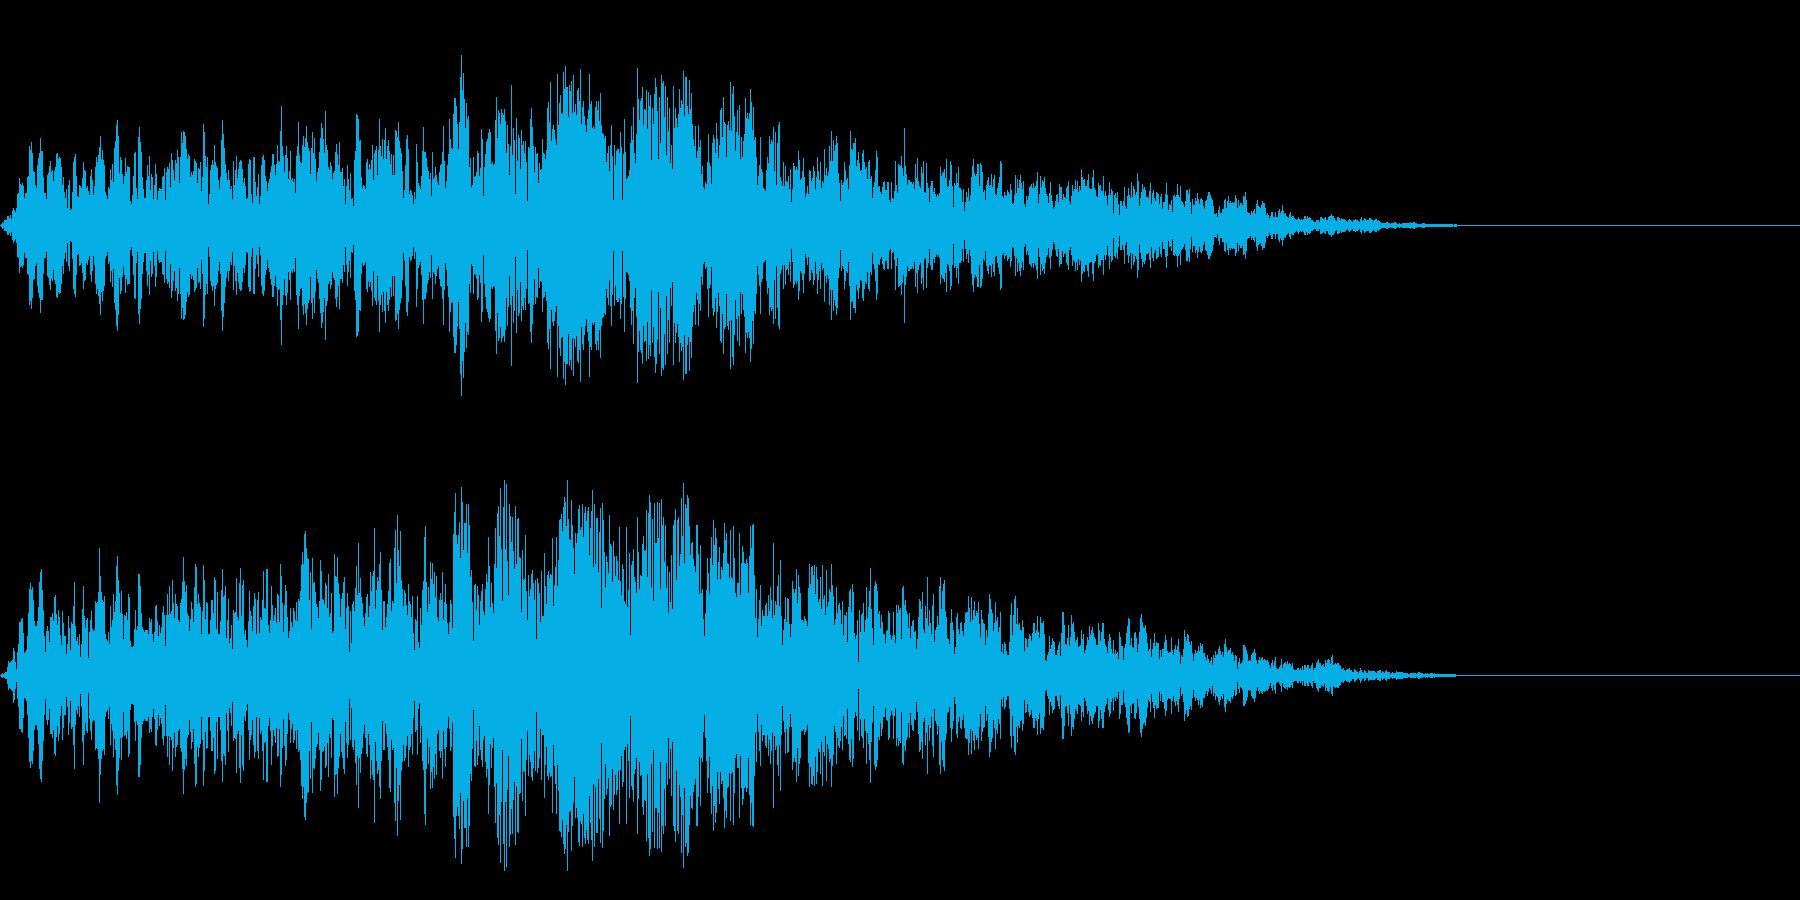 クホォーーーー(ブレス)の再生済みの波形